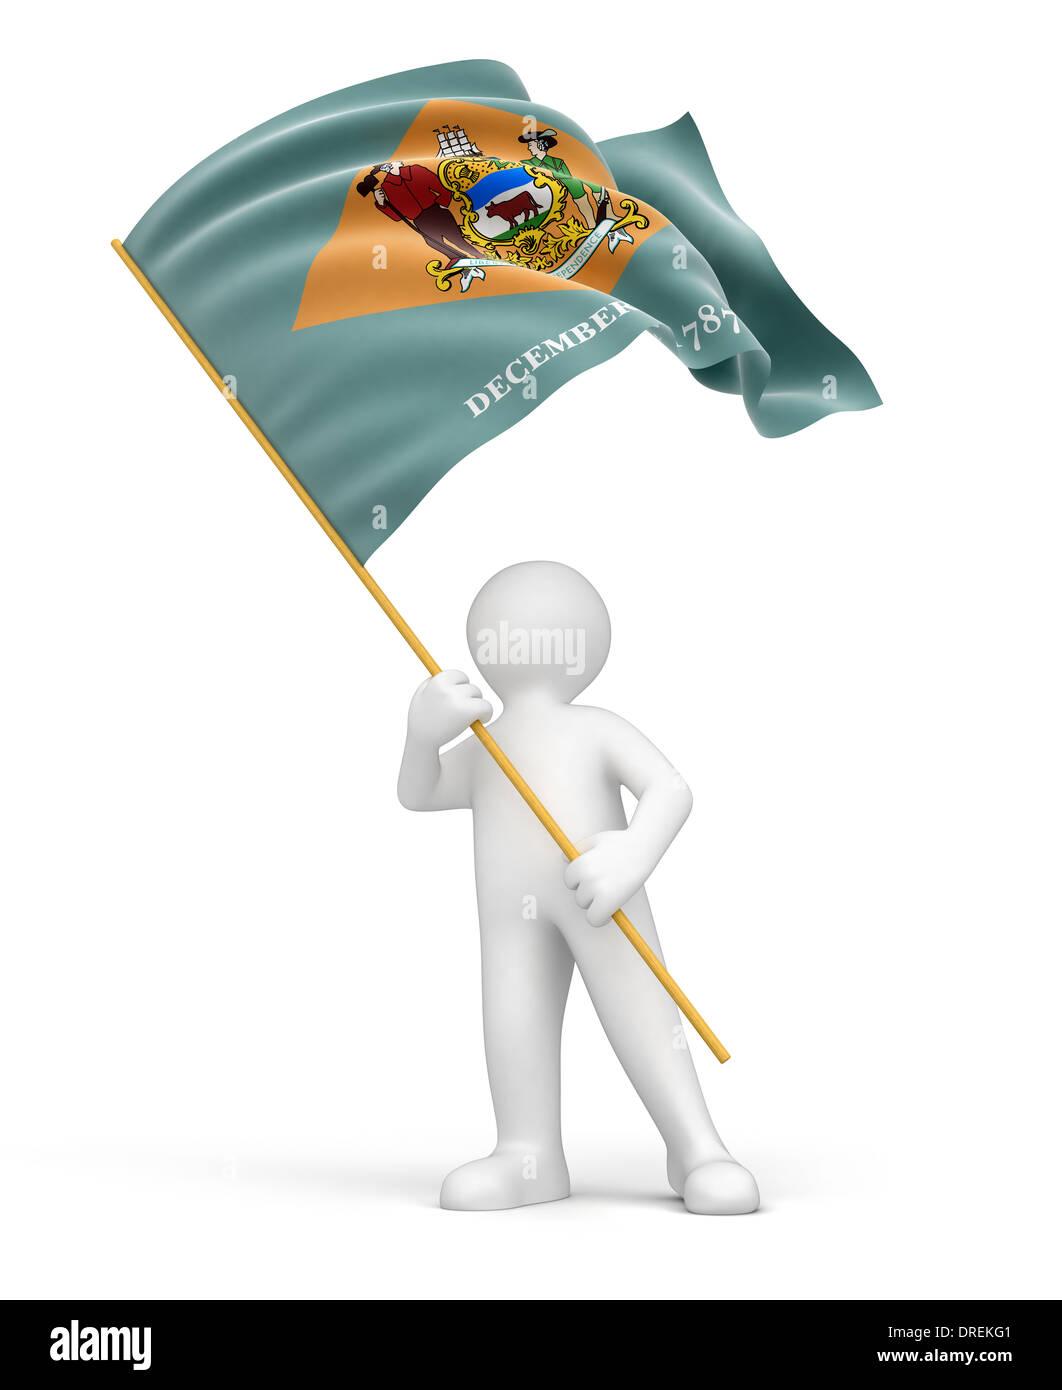 Usa Cartoon Flag Imágenes De Stock & Usa Cartoon Flag Fotos De Stock ...